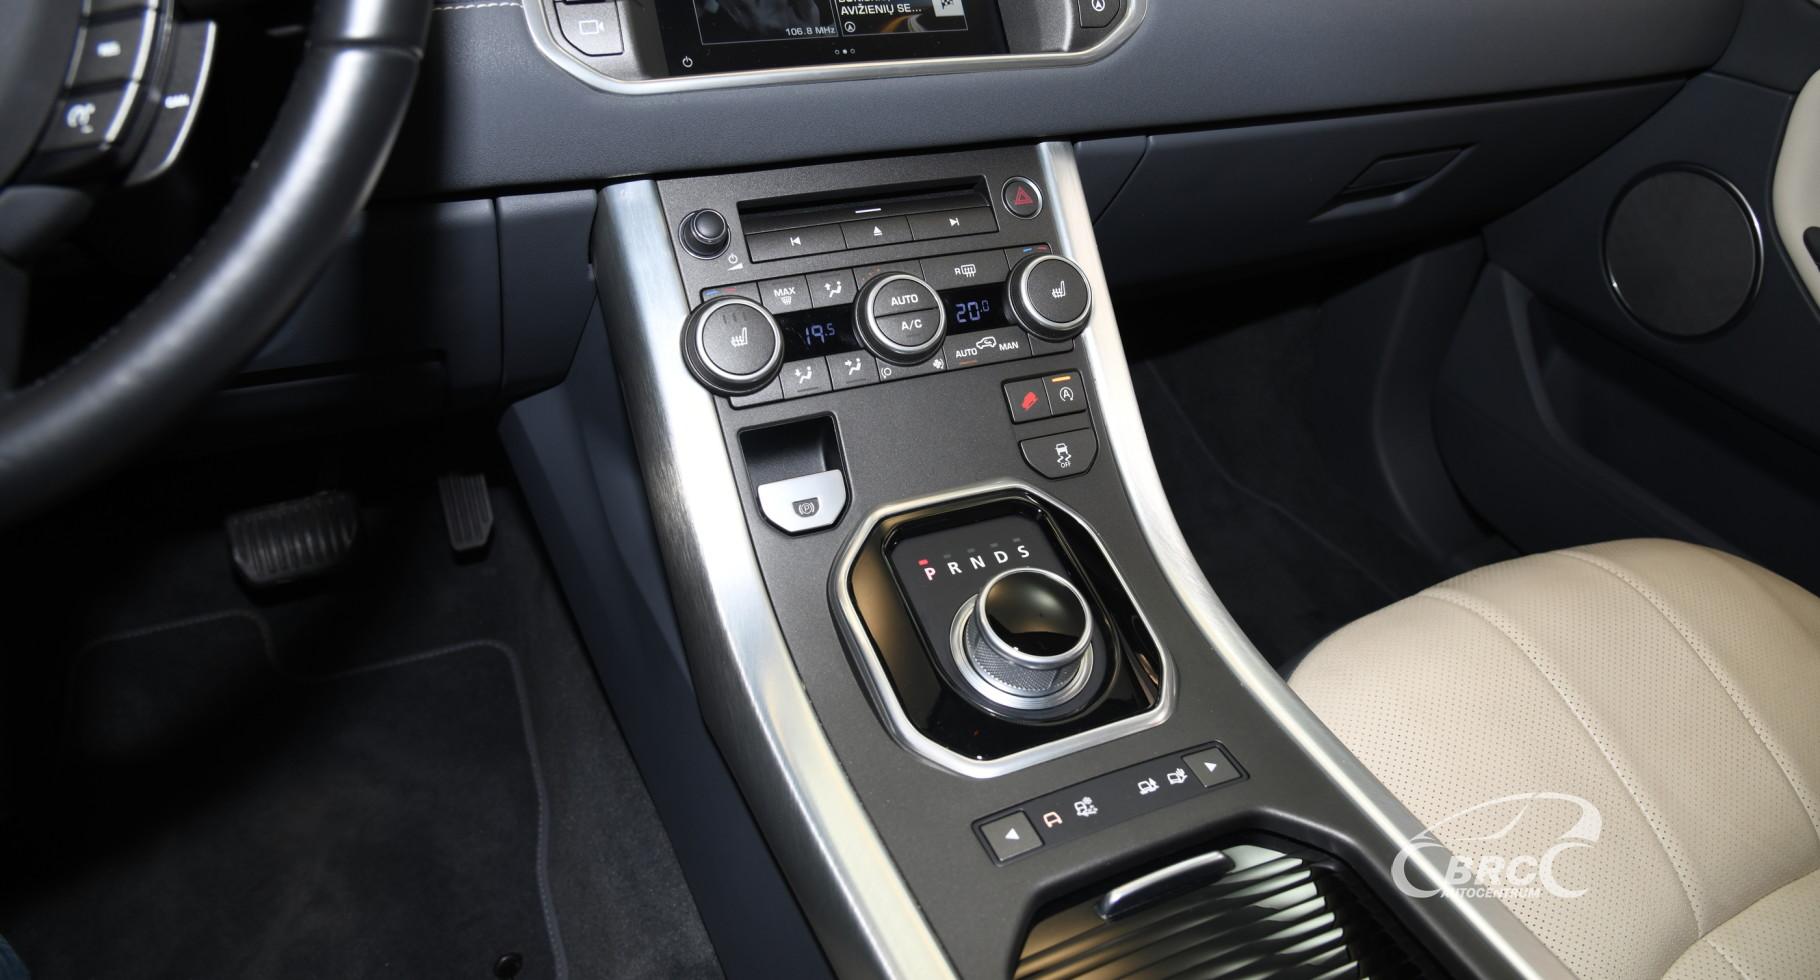 Land-Rover Range Rover Evoque Automatas